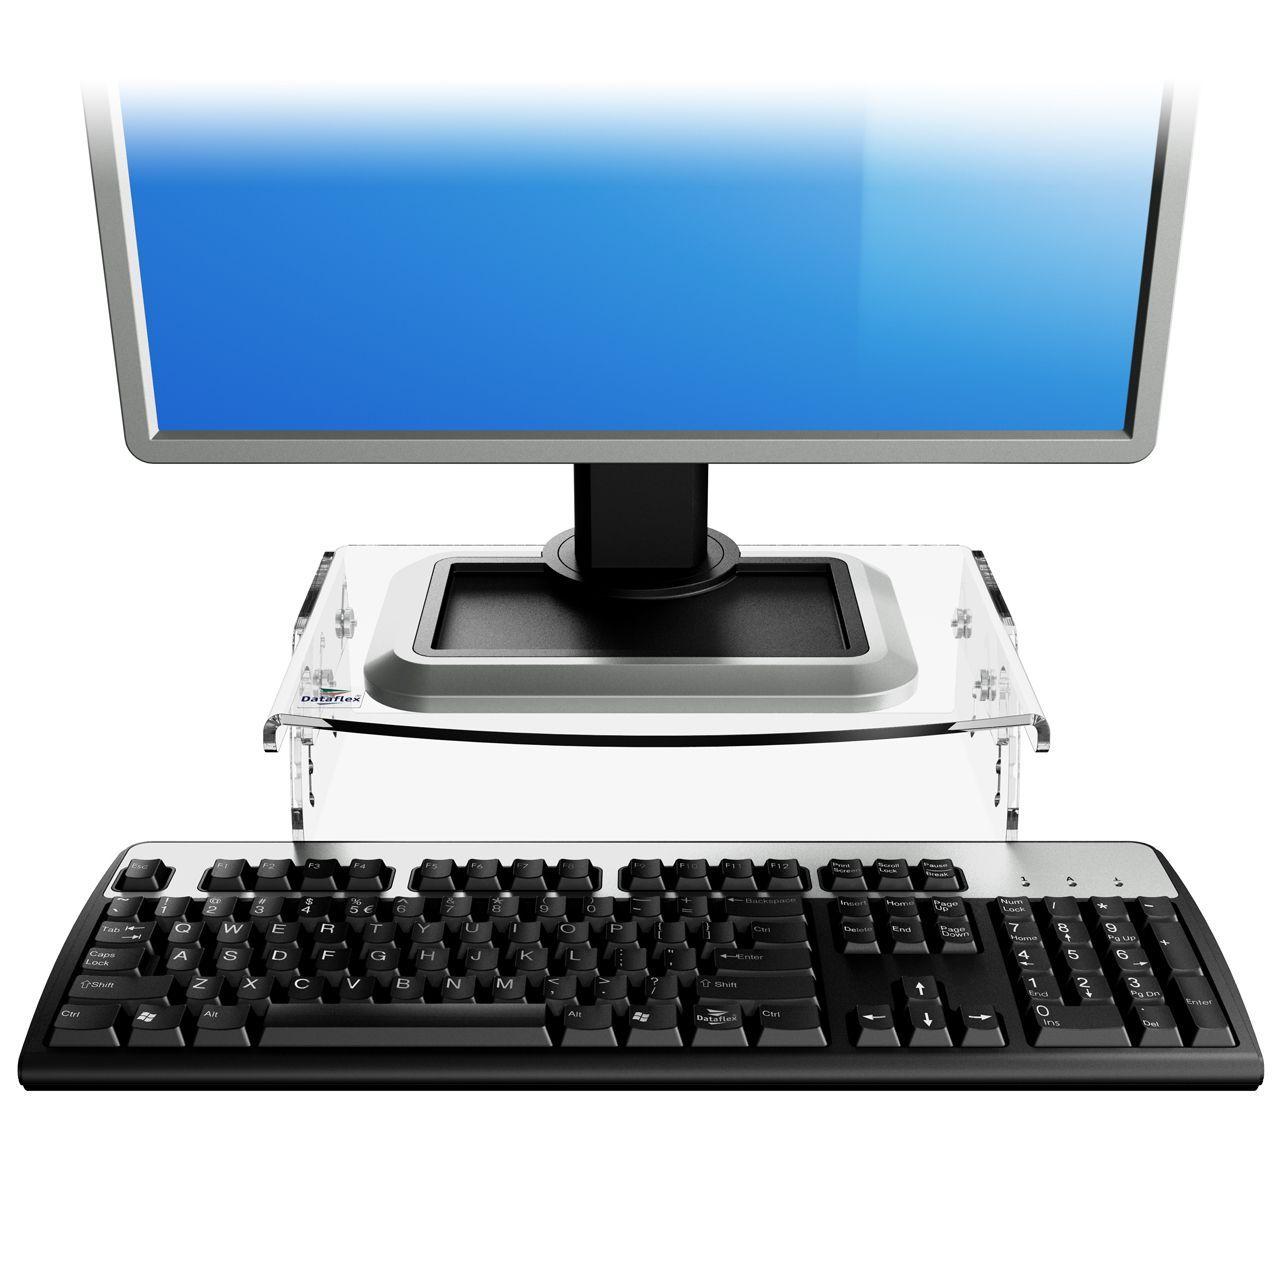 monitormate 2 monitorsteun ERKAM2135 Gebruik